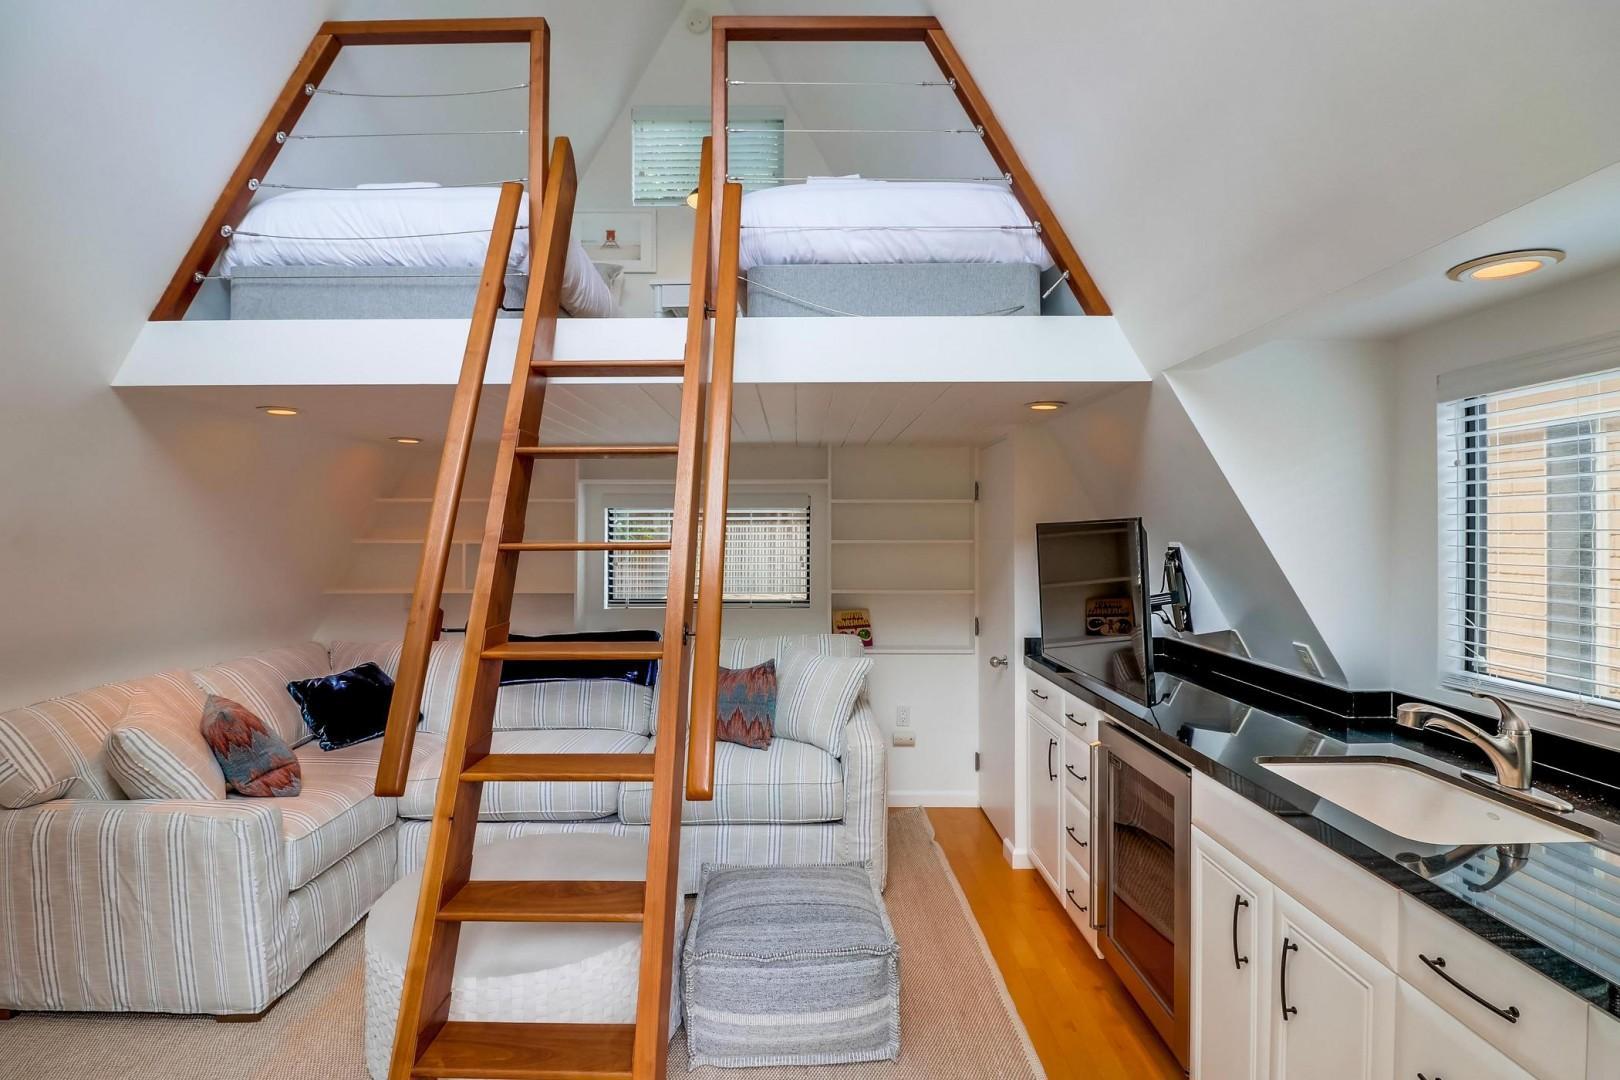 Loft and mini kitchen